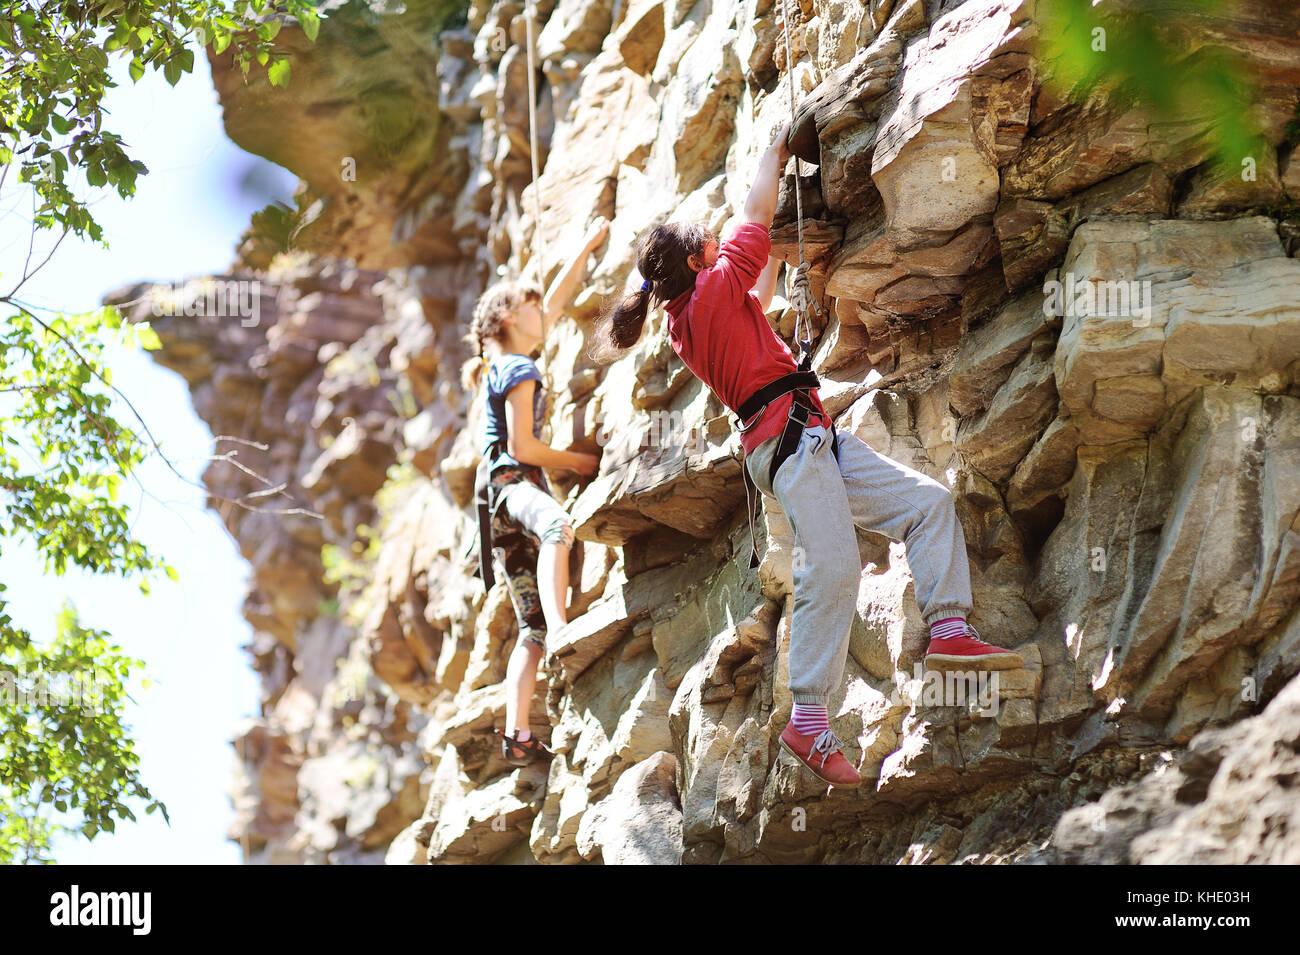 Deux adolescentes sont engagés dans l'escalade de rocher Photo Stock